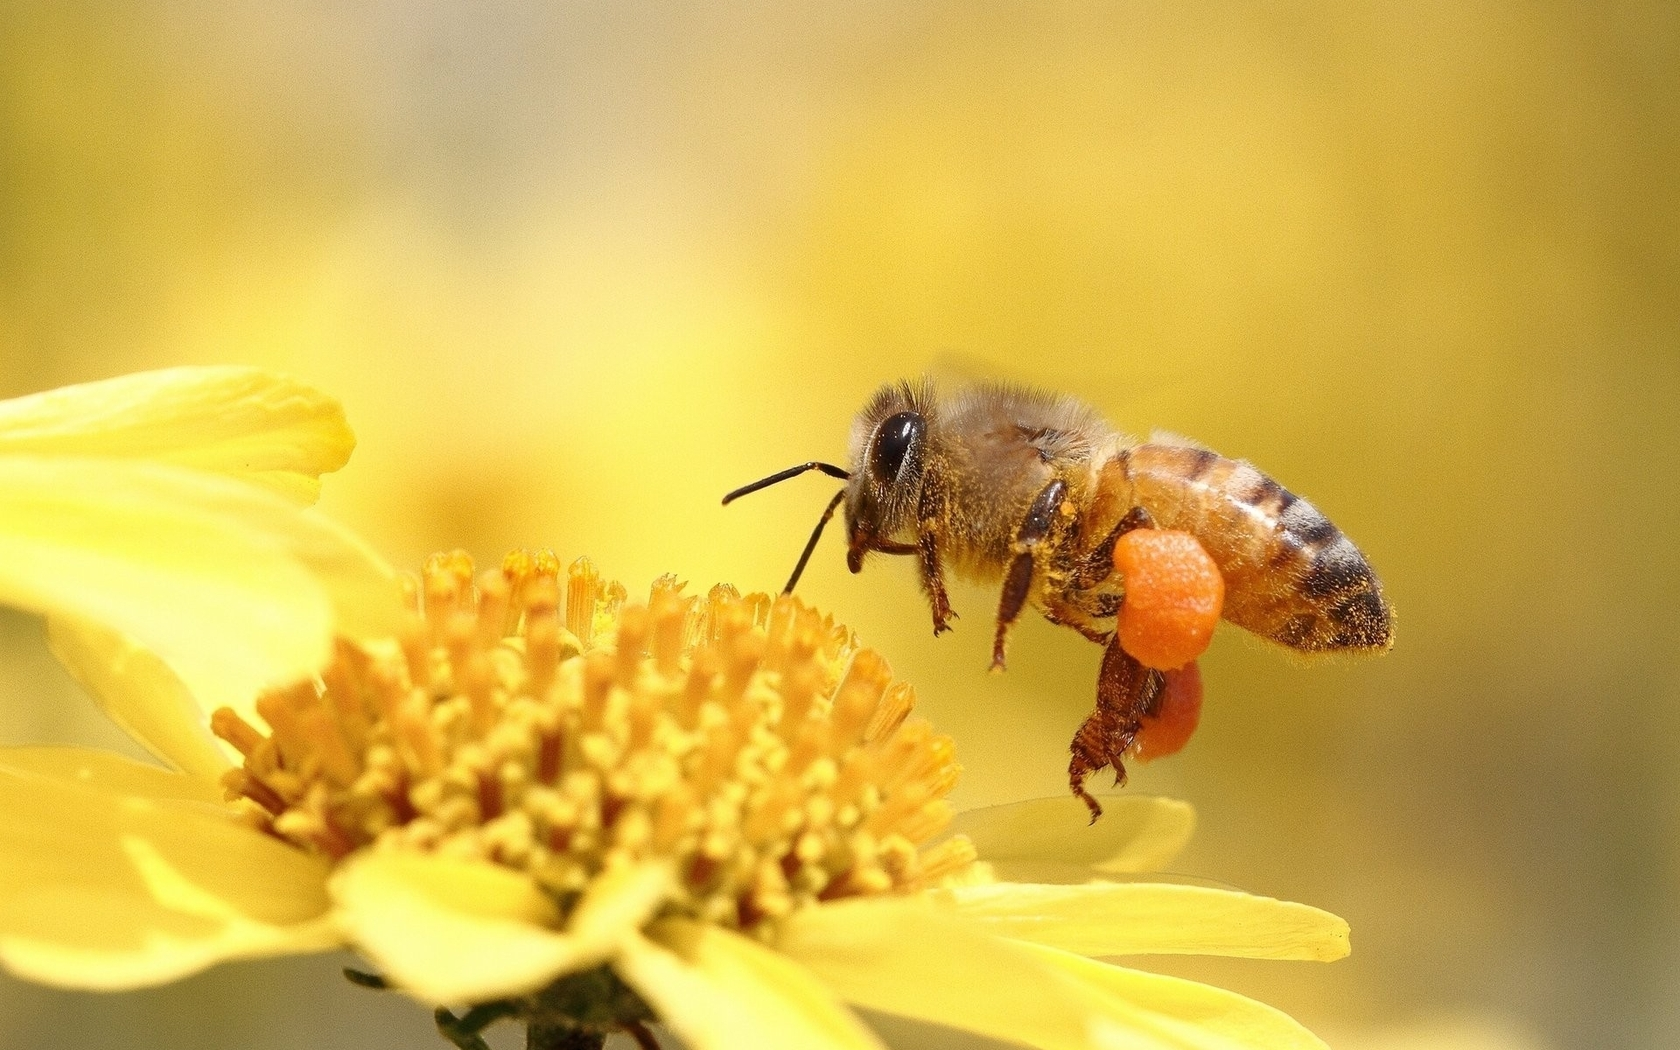 Картинка: Пчела, сбор, цветок, жёлтый